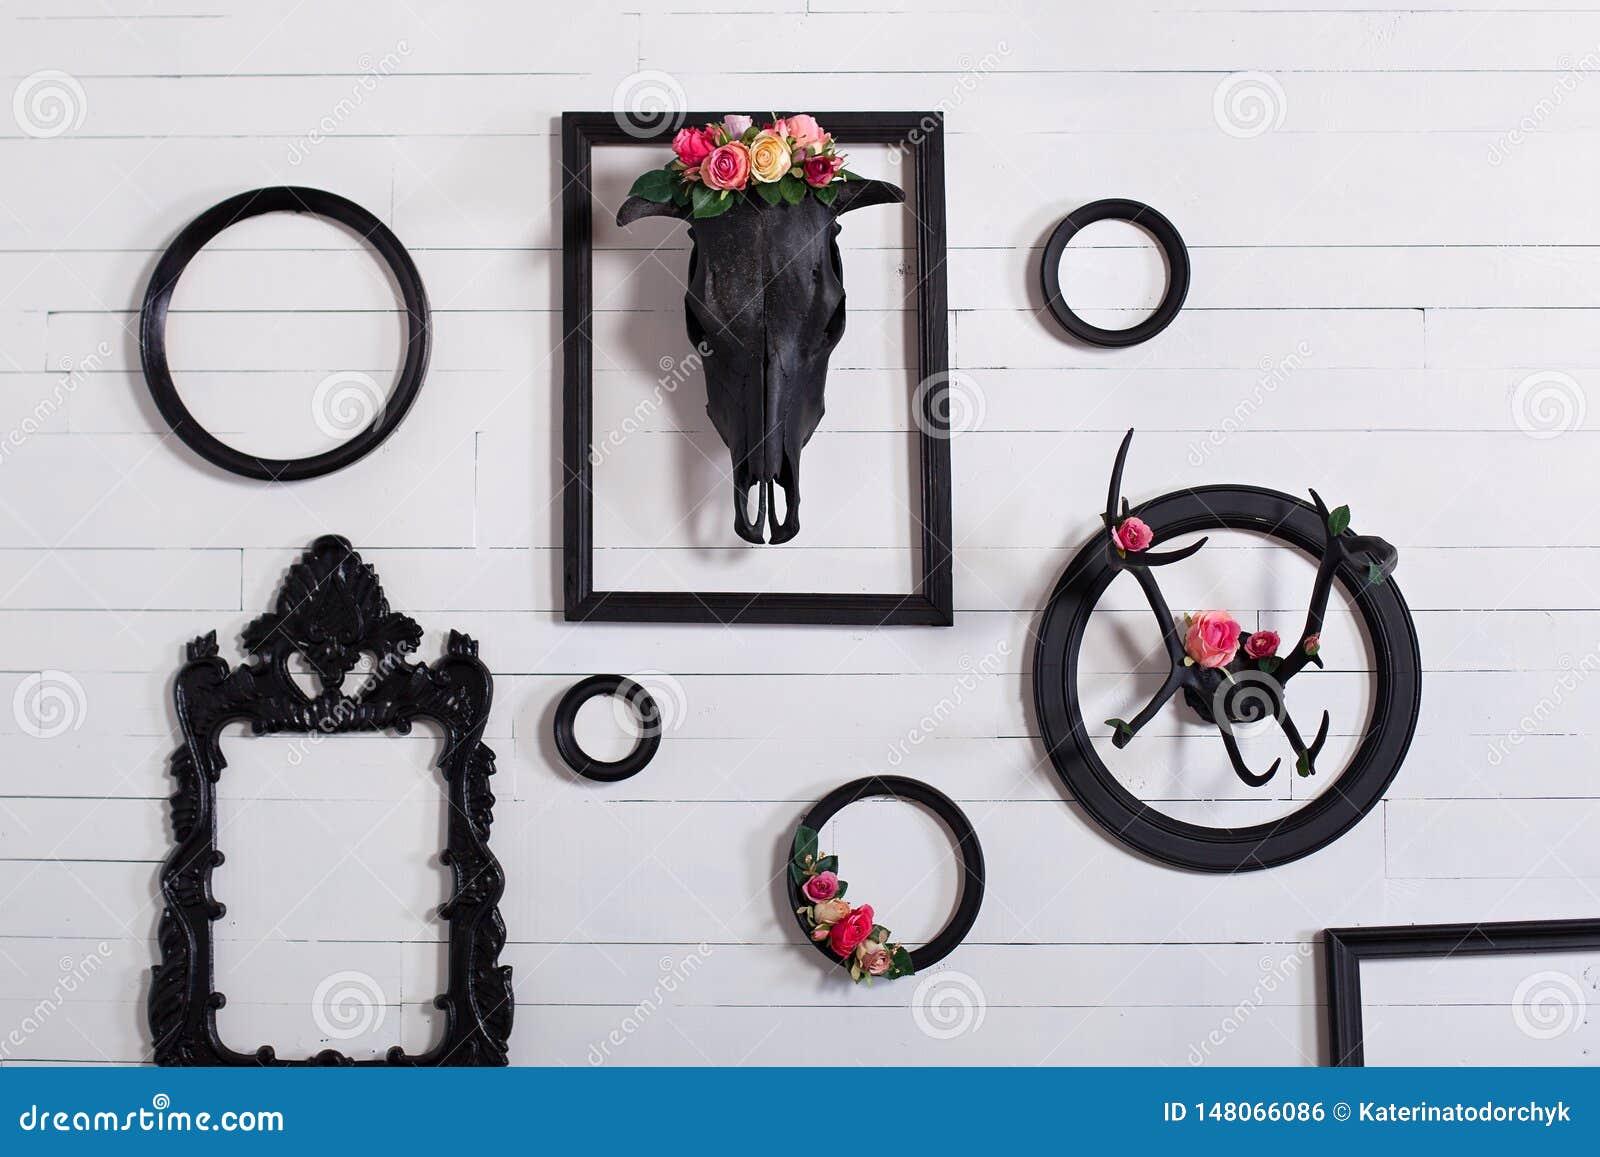 Zwarte schedel van een hert en hoornen op een houten witte muur met lege kaders voor schilderijen Het concept het verfraaien van